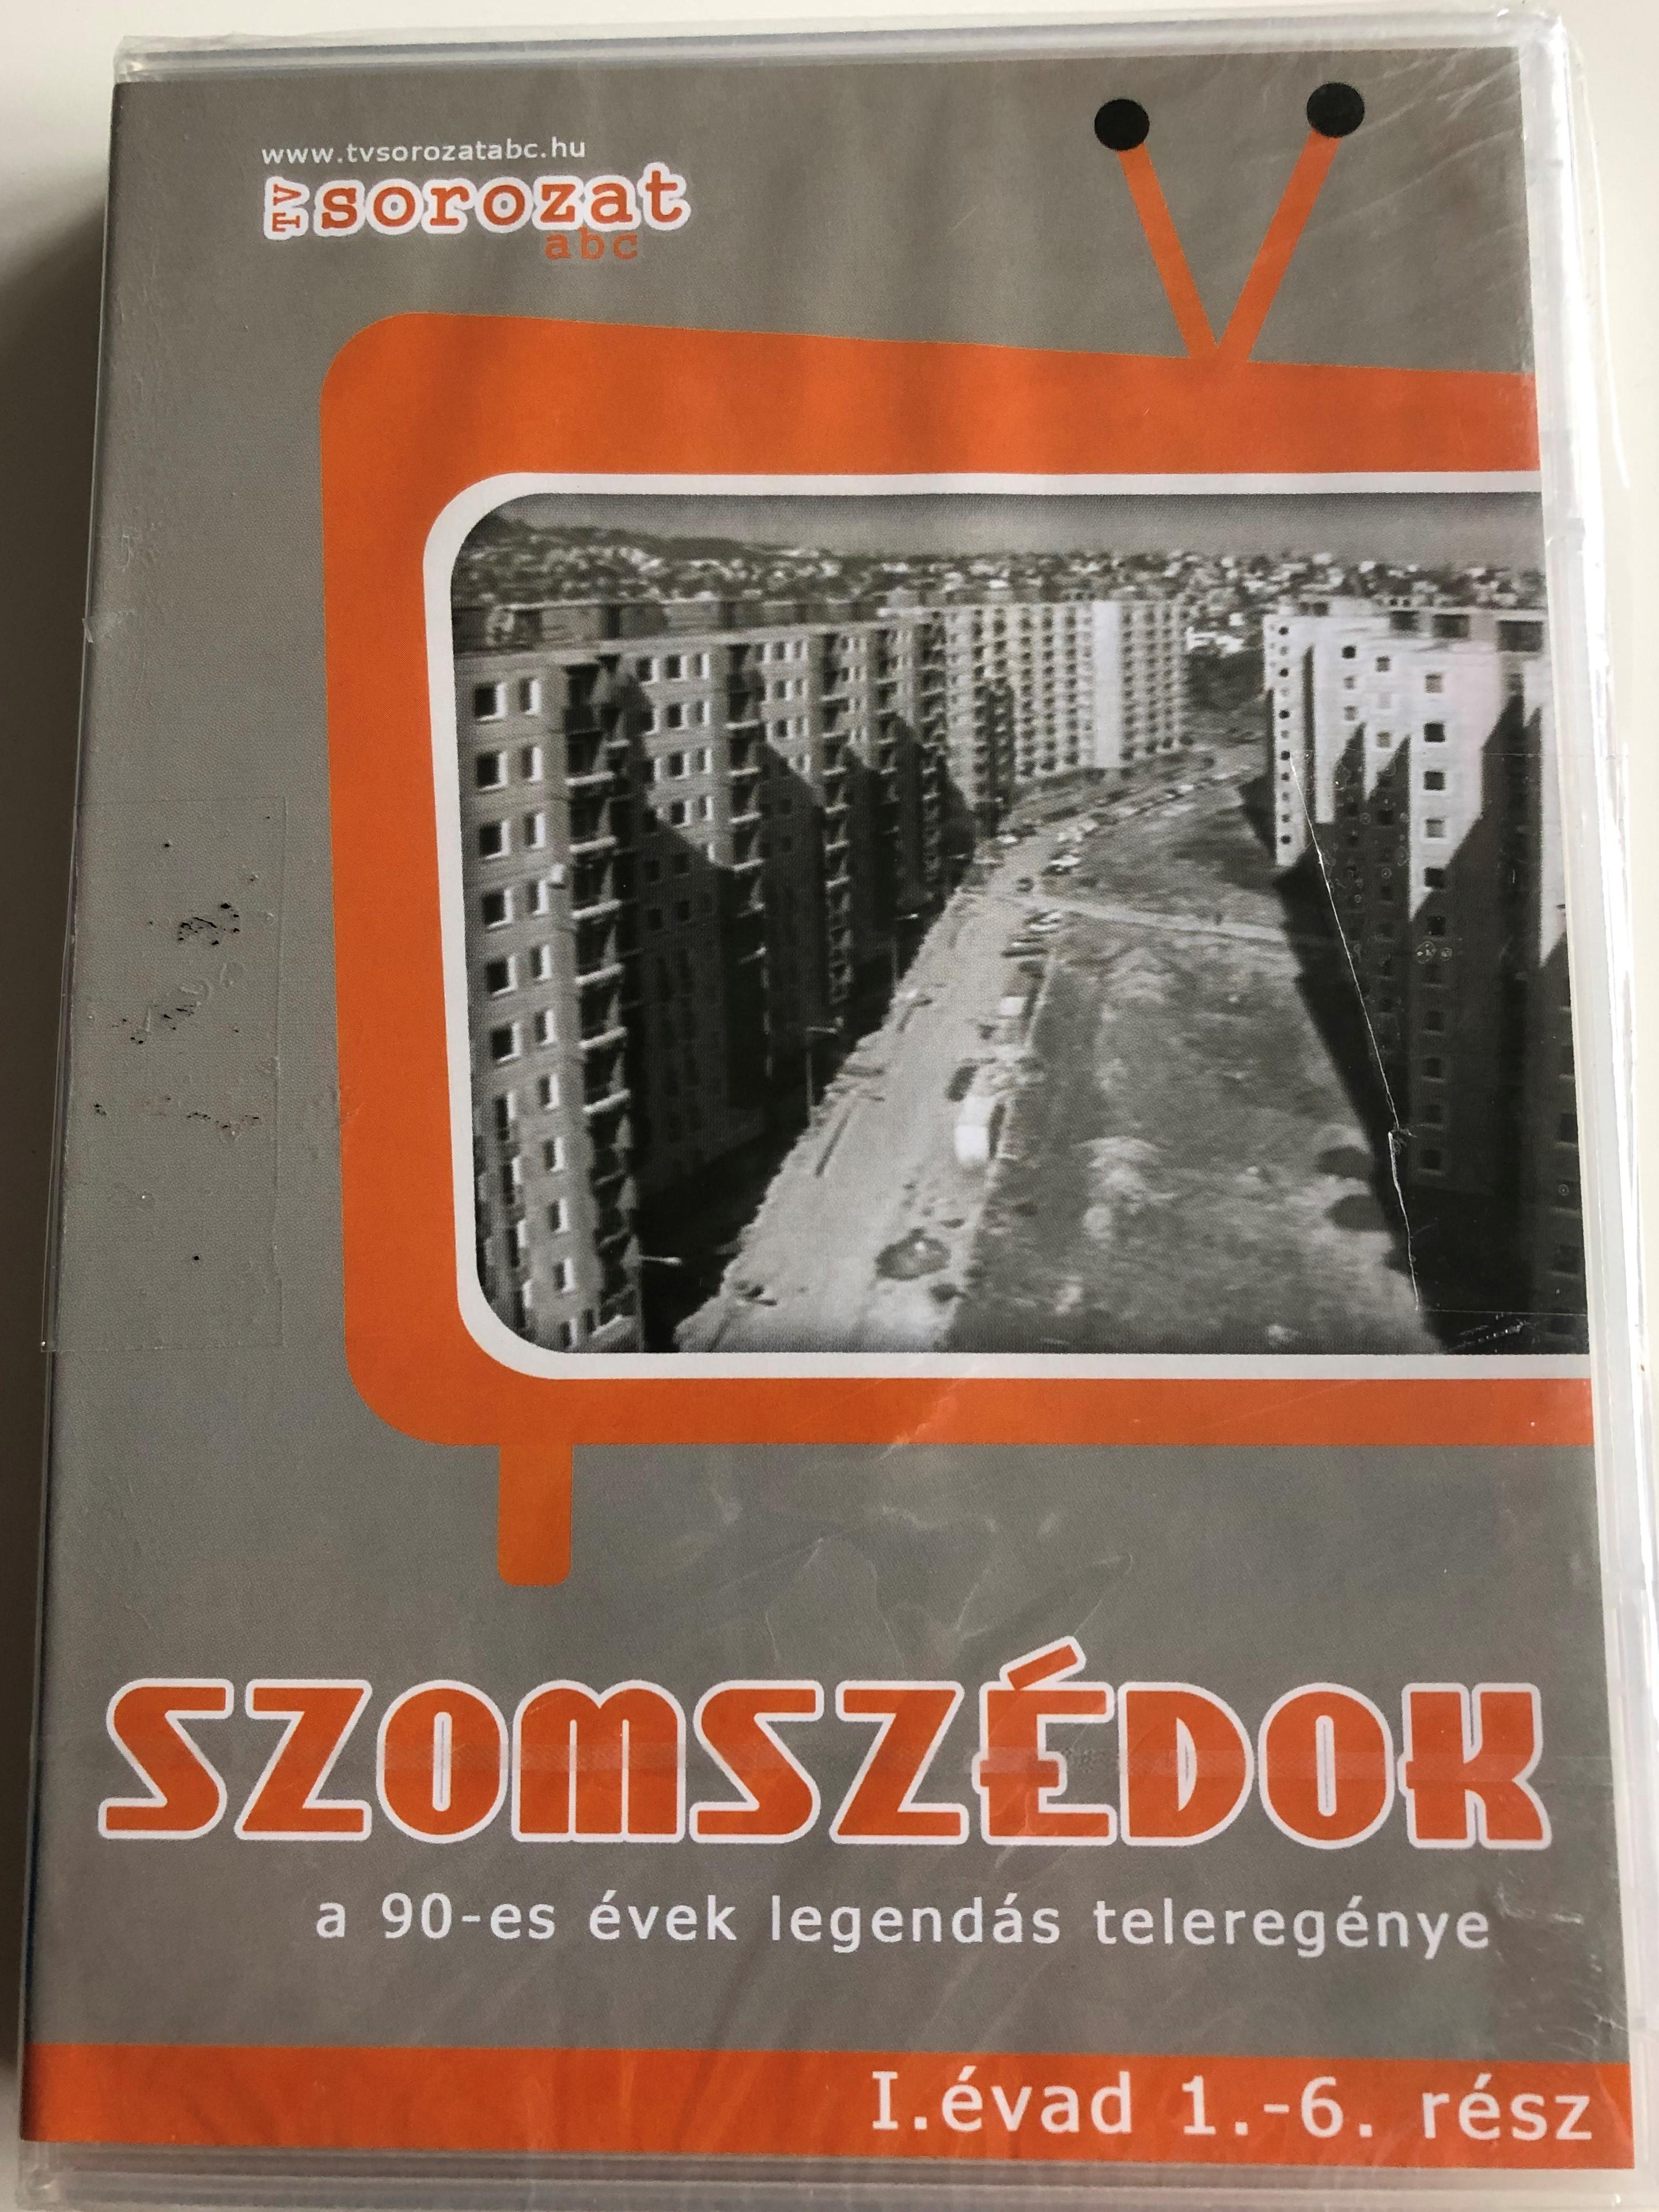 szomsz-dok-teljes-1.-vad-1-18-r-sz-3x-dvd-neighbours-1.jpg